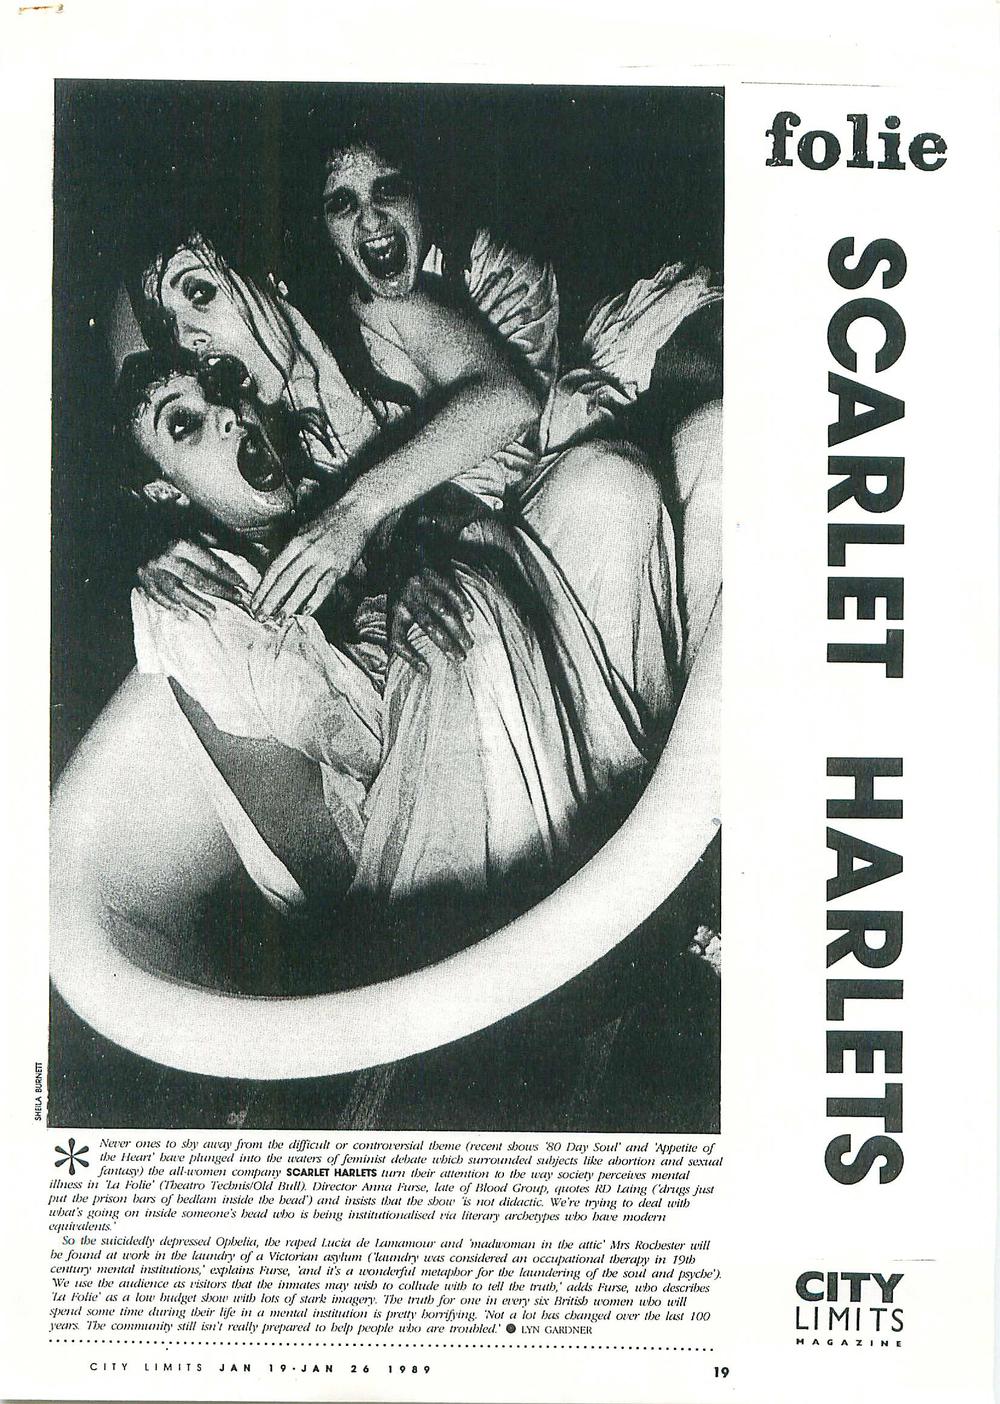 la-folie---scarlet-harlets.jpg